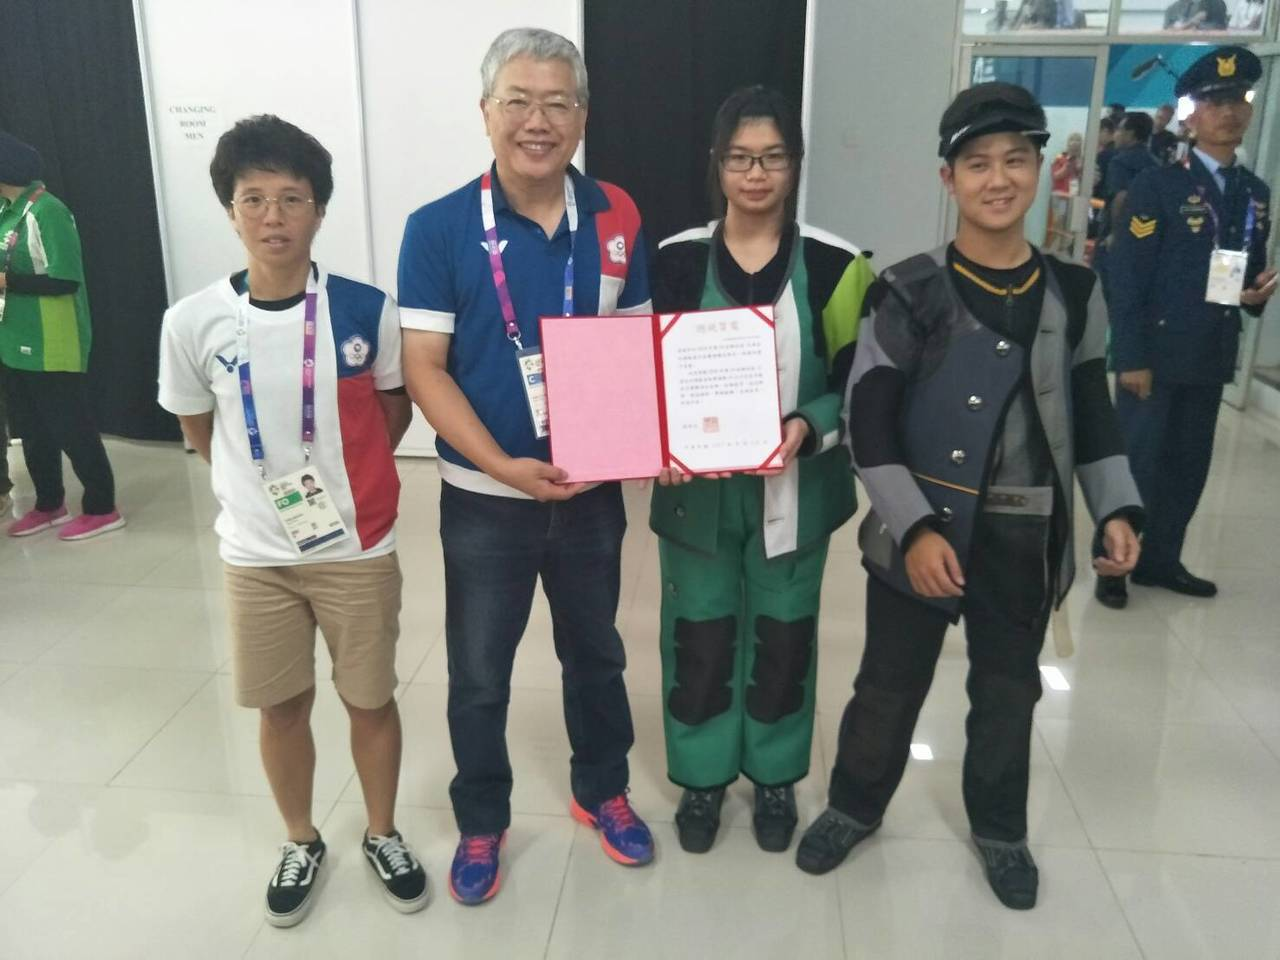 呂紹全(右)、林穎欣(右二)奪得亞運10m空氣手槍金牌。 中華奧會提供